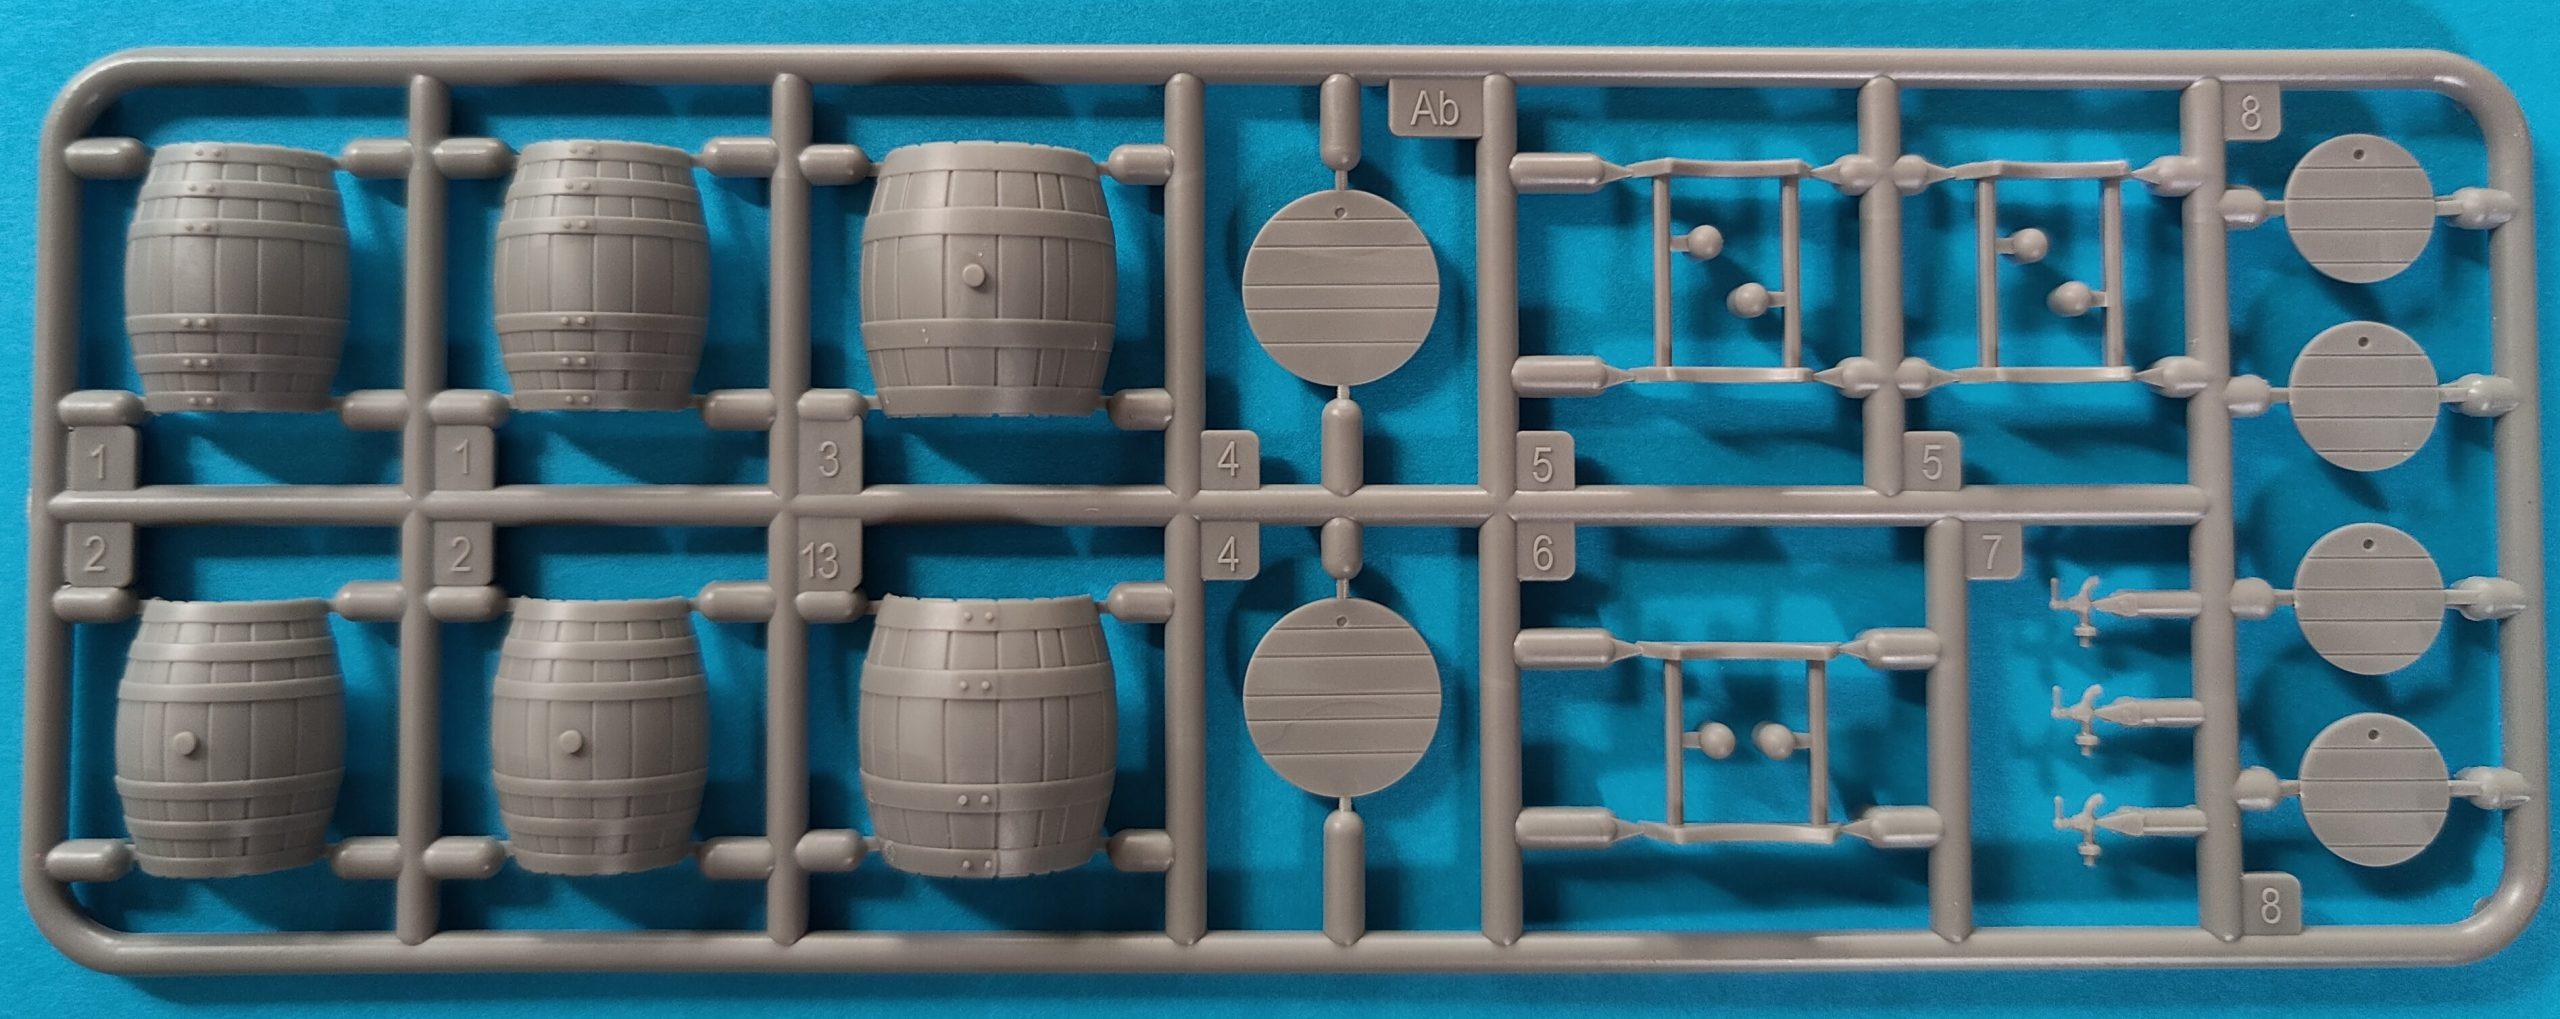 ICM_fass1003-scaled Holzfässer (Wooden Barrels) von Miniart in 1:35